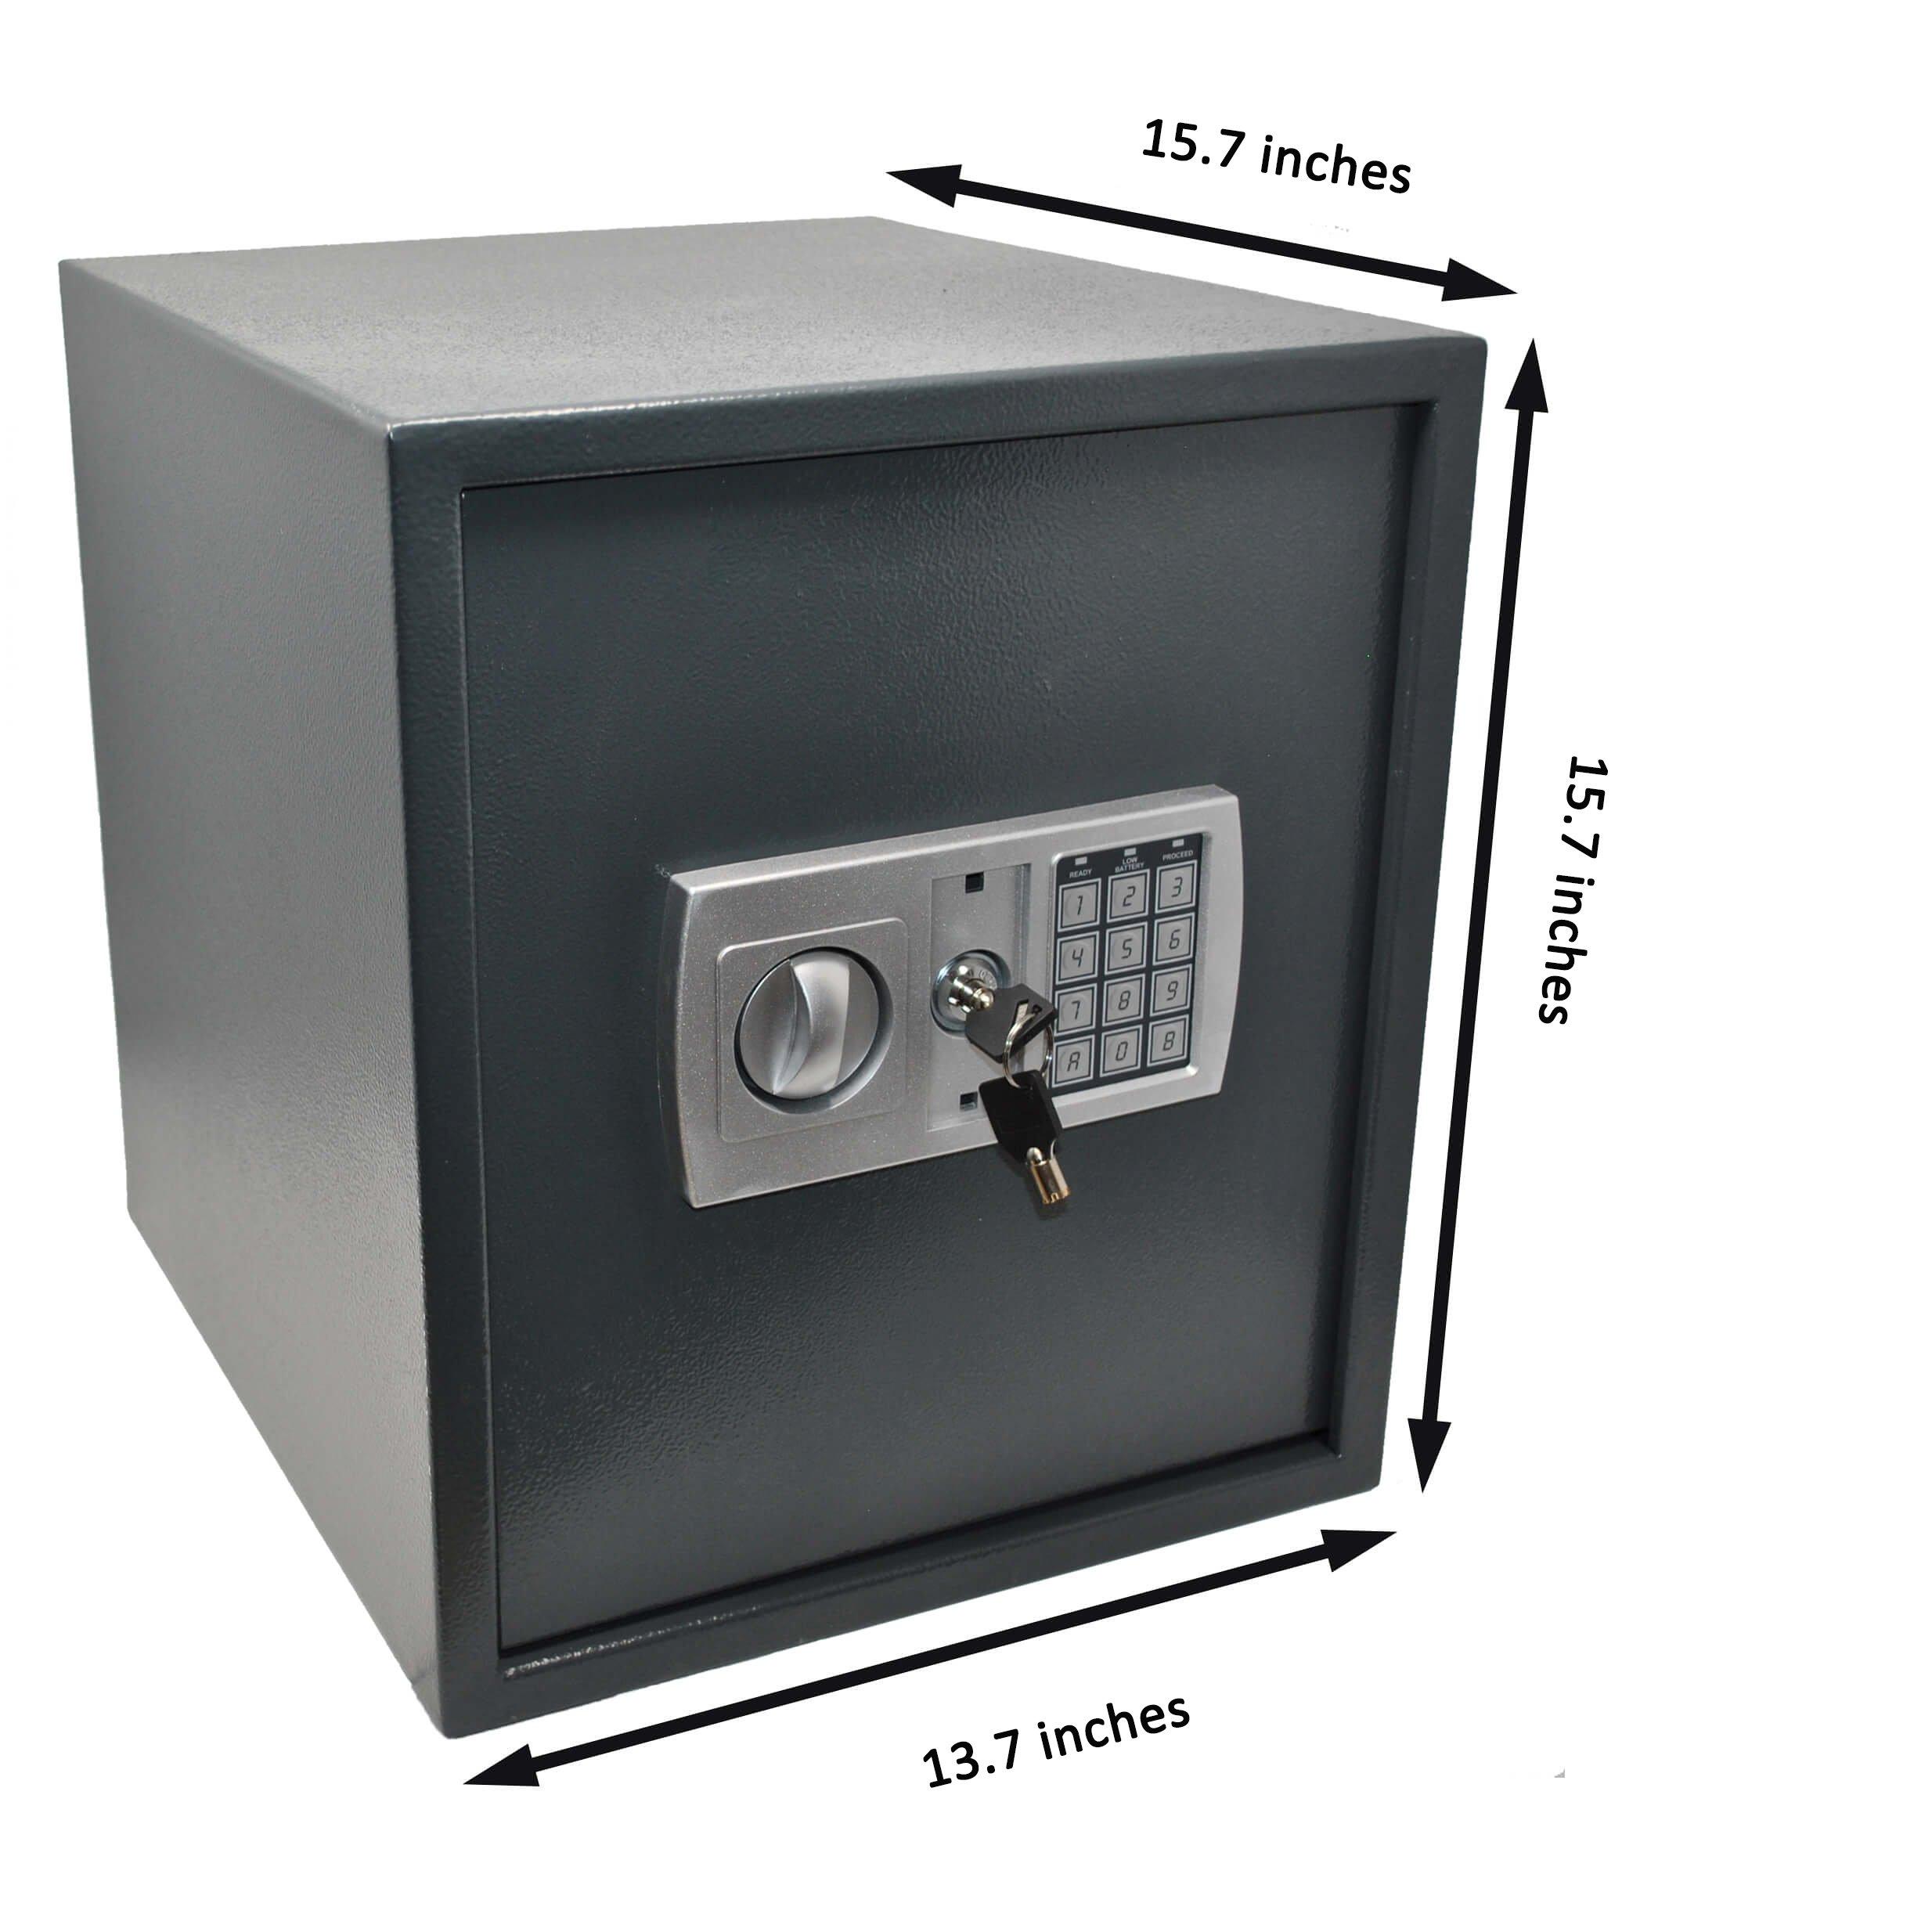 Genie Hand Caja Fuerte Digital A Tiempo Grande De Deposito: Amazon.es: Electrónica